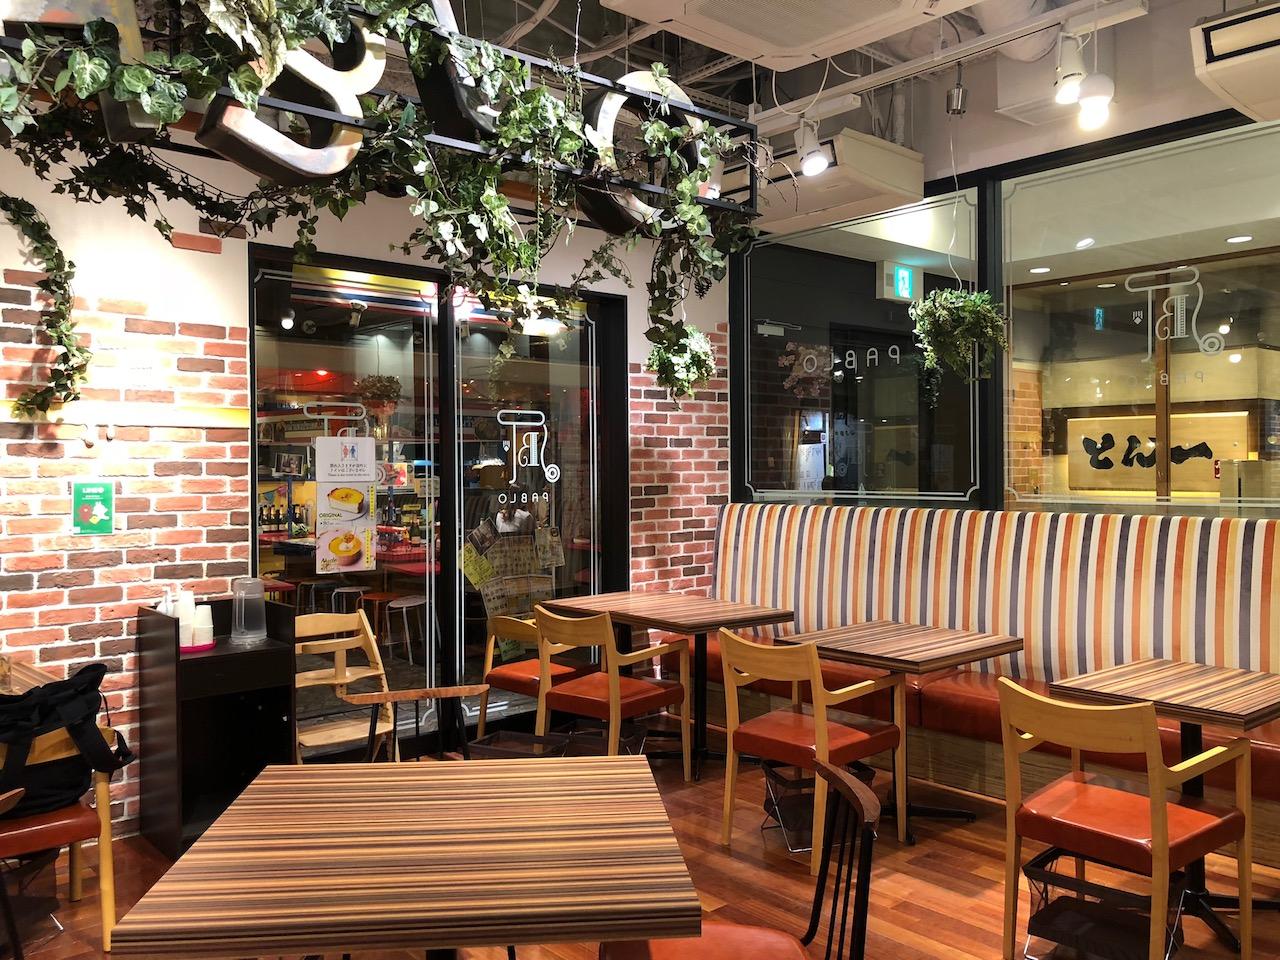 とろっとろ!姫路駅前でカフェ探してるならめちゃうまチーズタルトのPABLO(パブロ)へどうぞ!